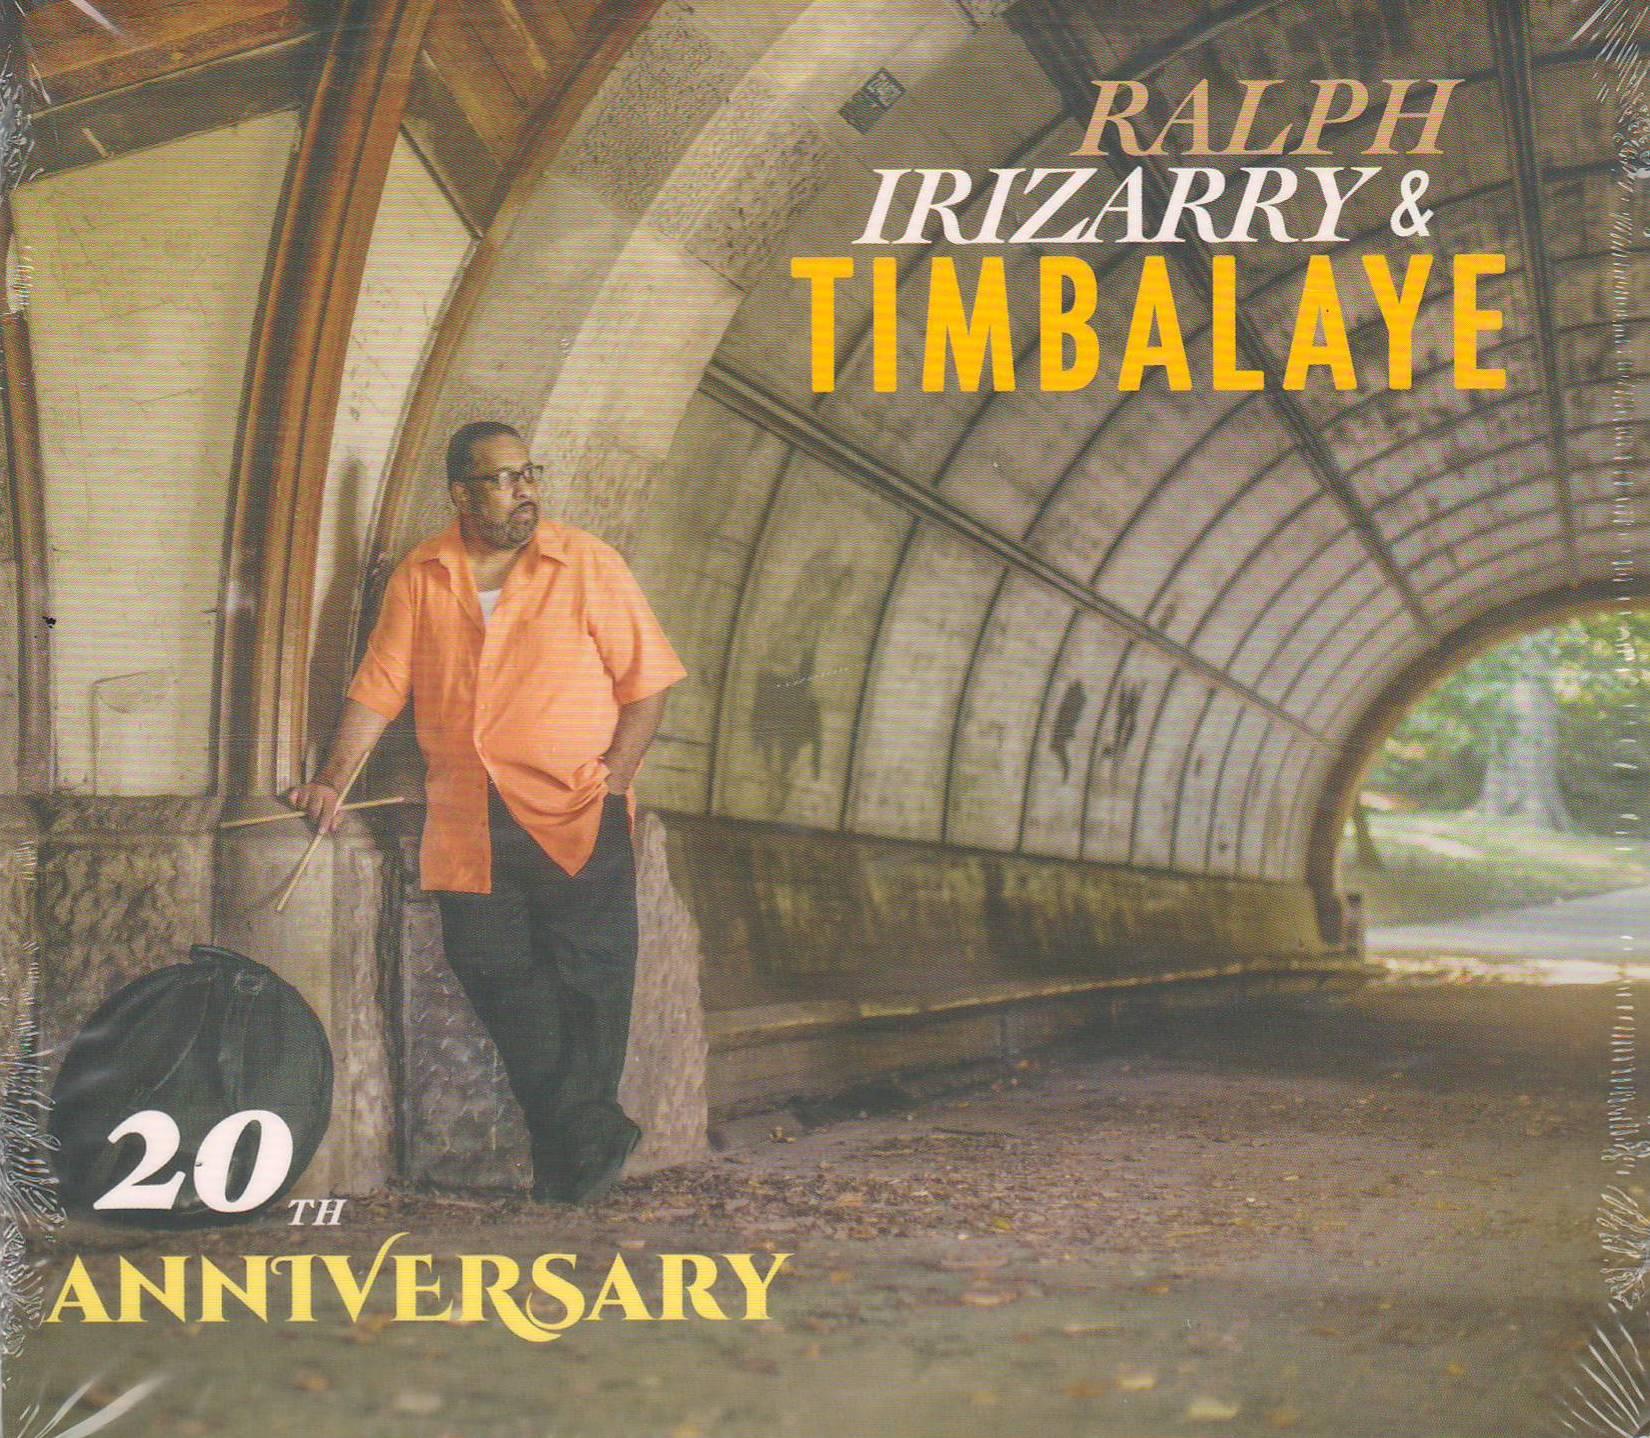 Portada de la nueva producción de Ralph Irizarry y Timbalaye.